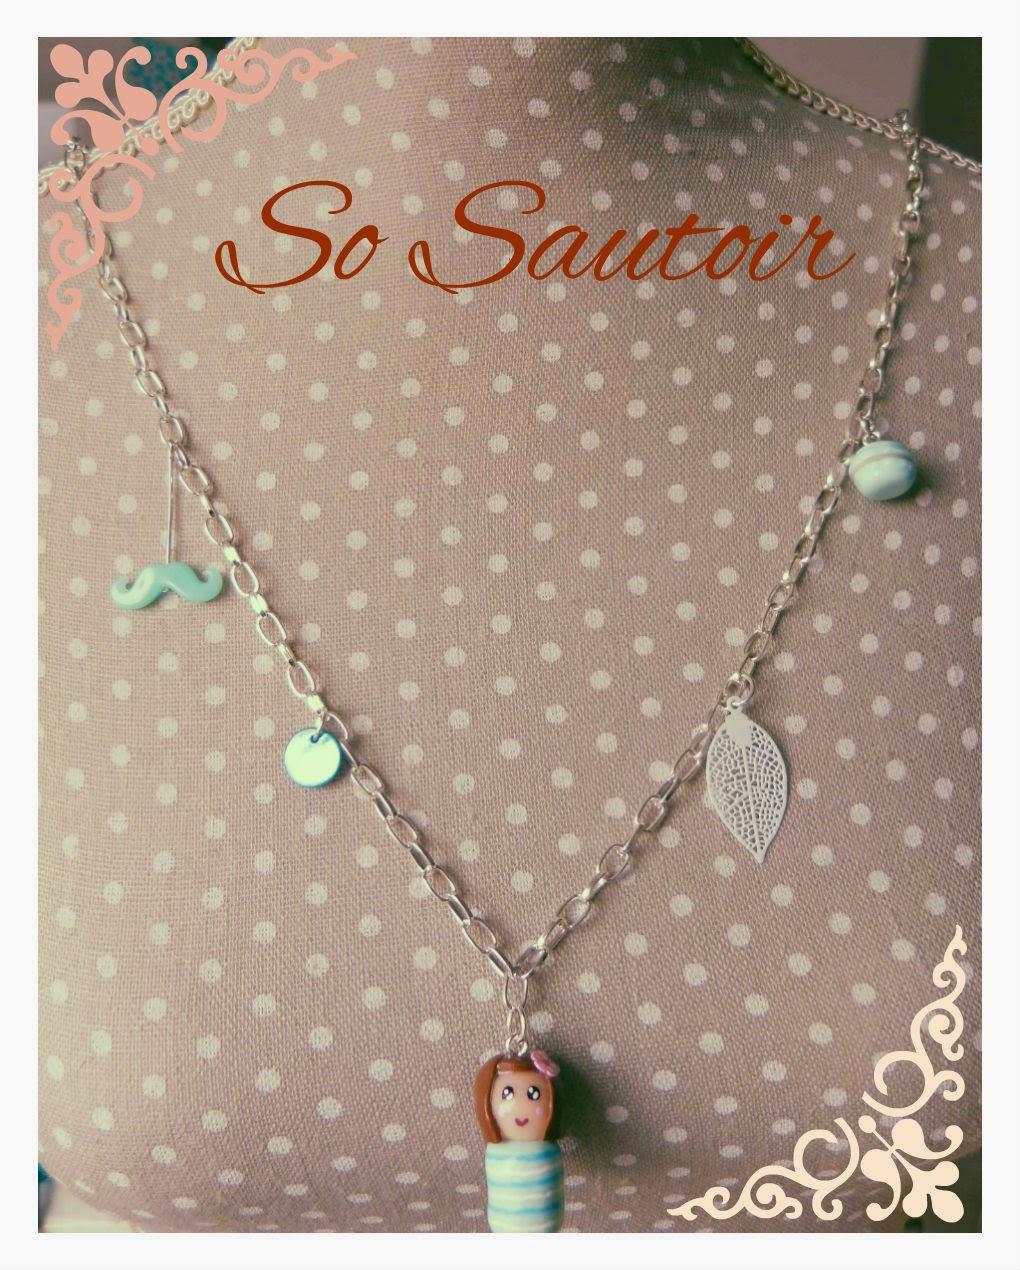 http://www.alittlemarket.com/collier/fr_joli_sautoir_de_printemps_theme_so_sautoir_super_kawaii_-8095943.html